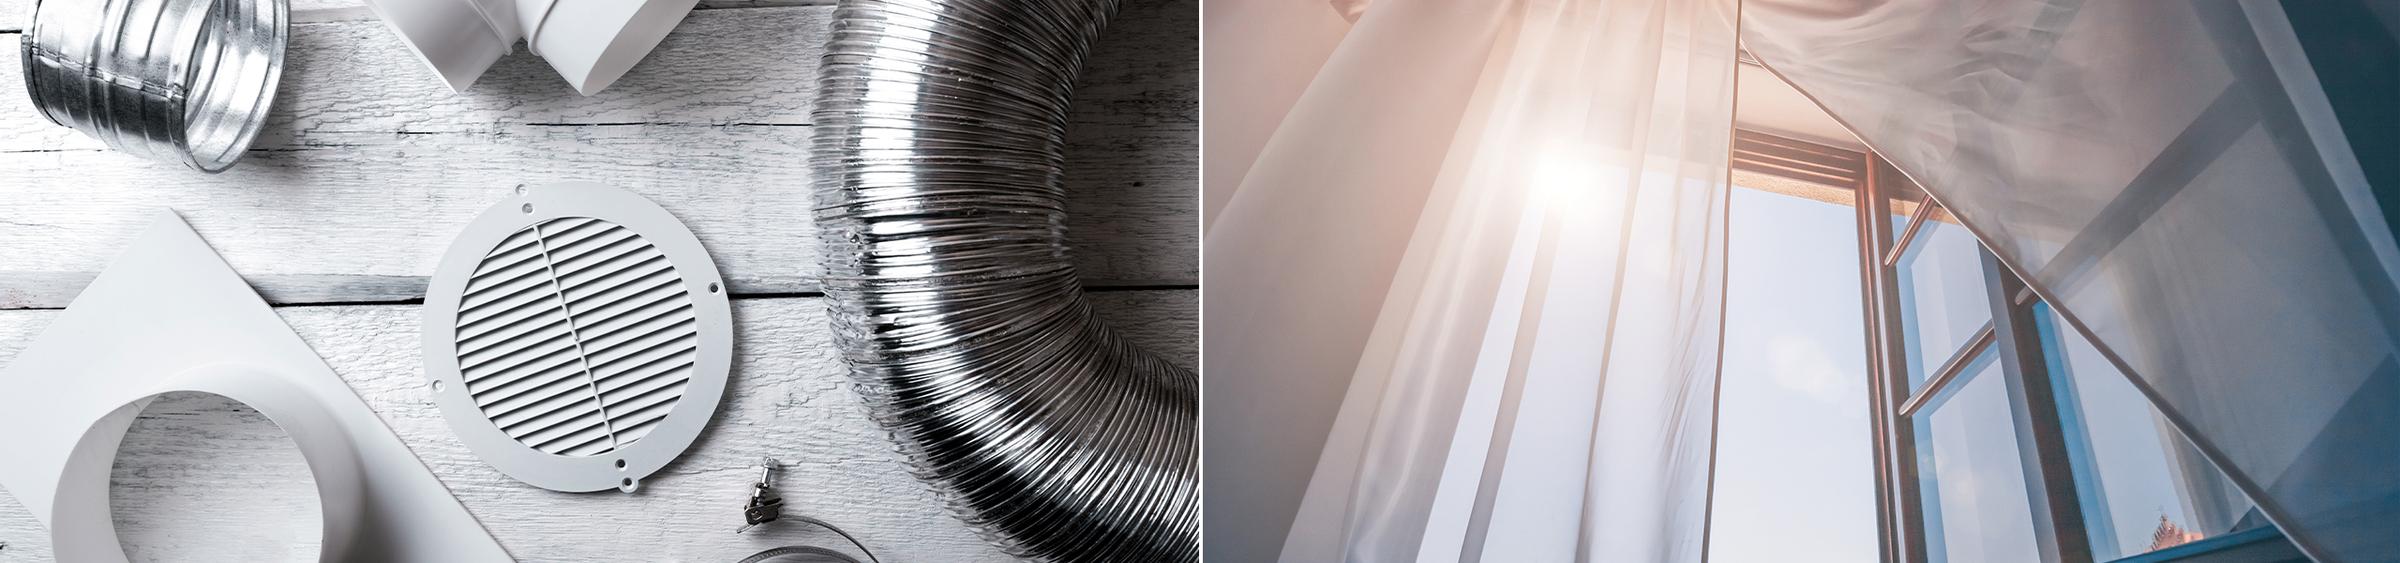 Badkamer ventilator - Badkamer ventilator